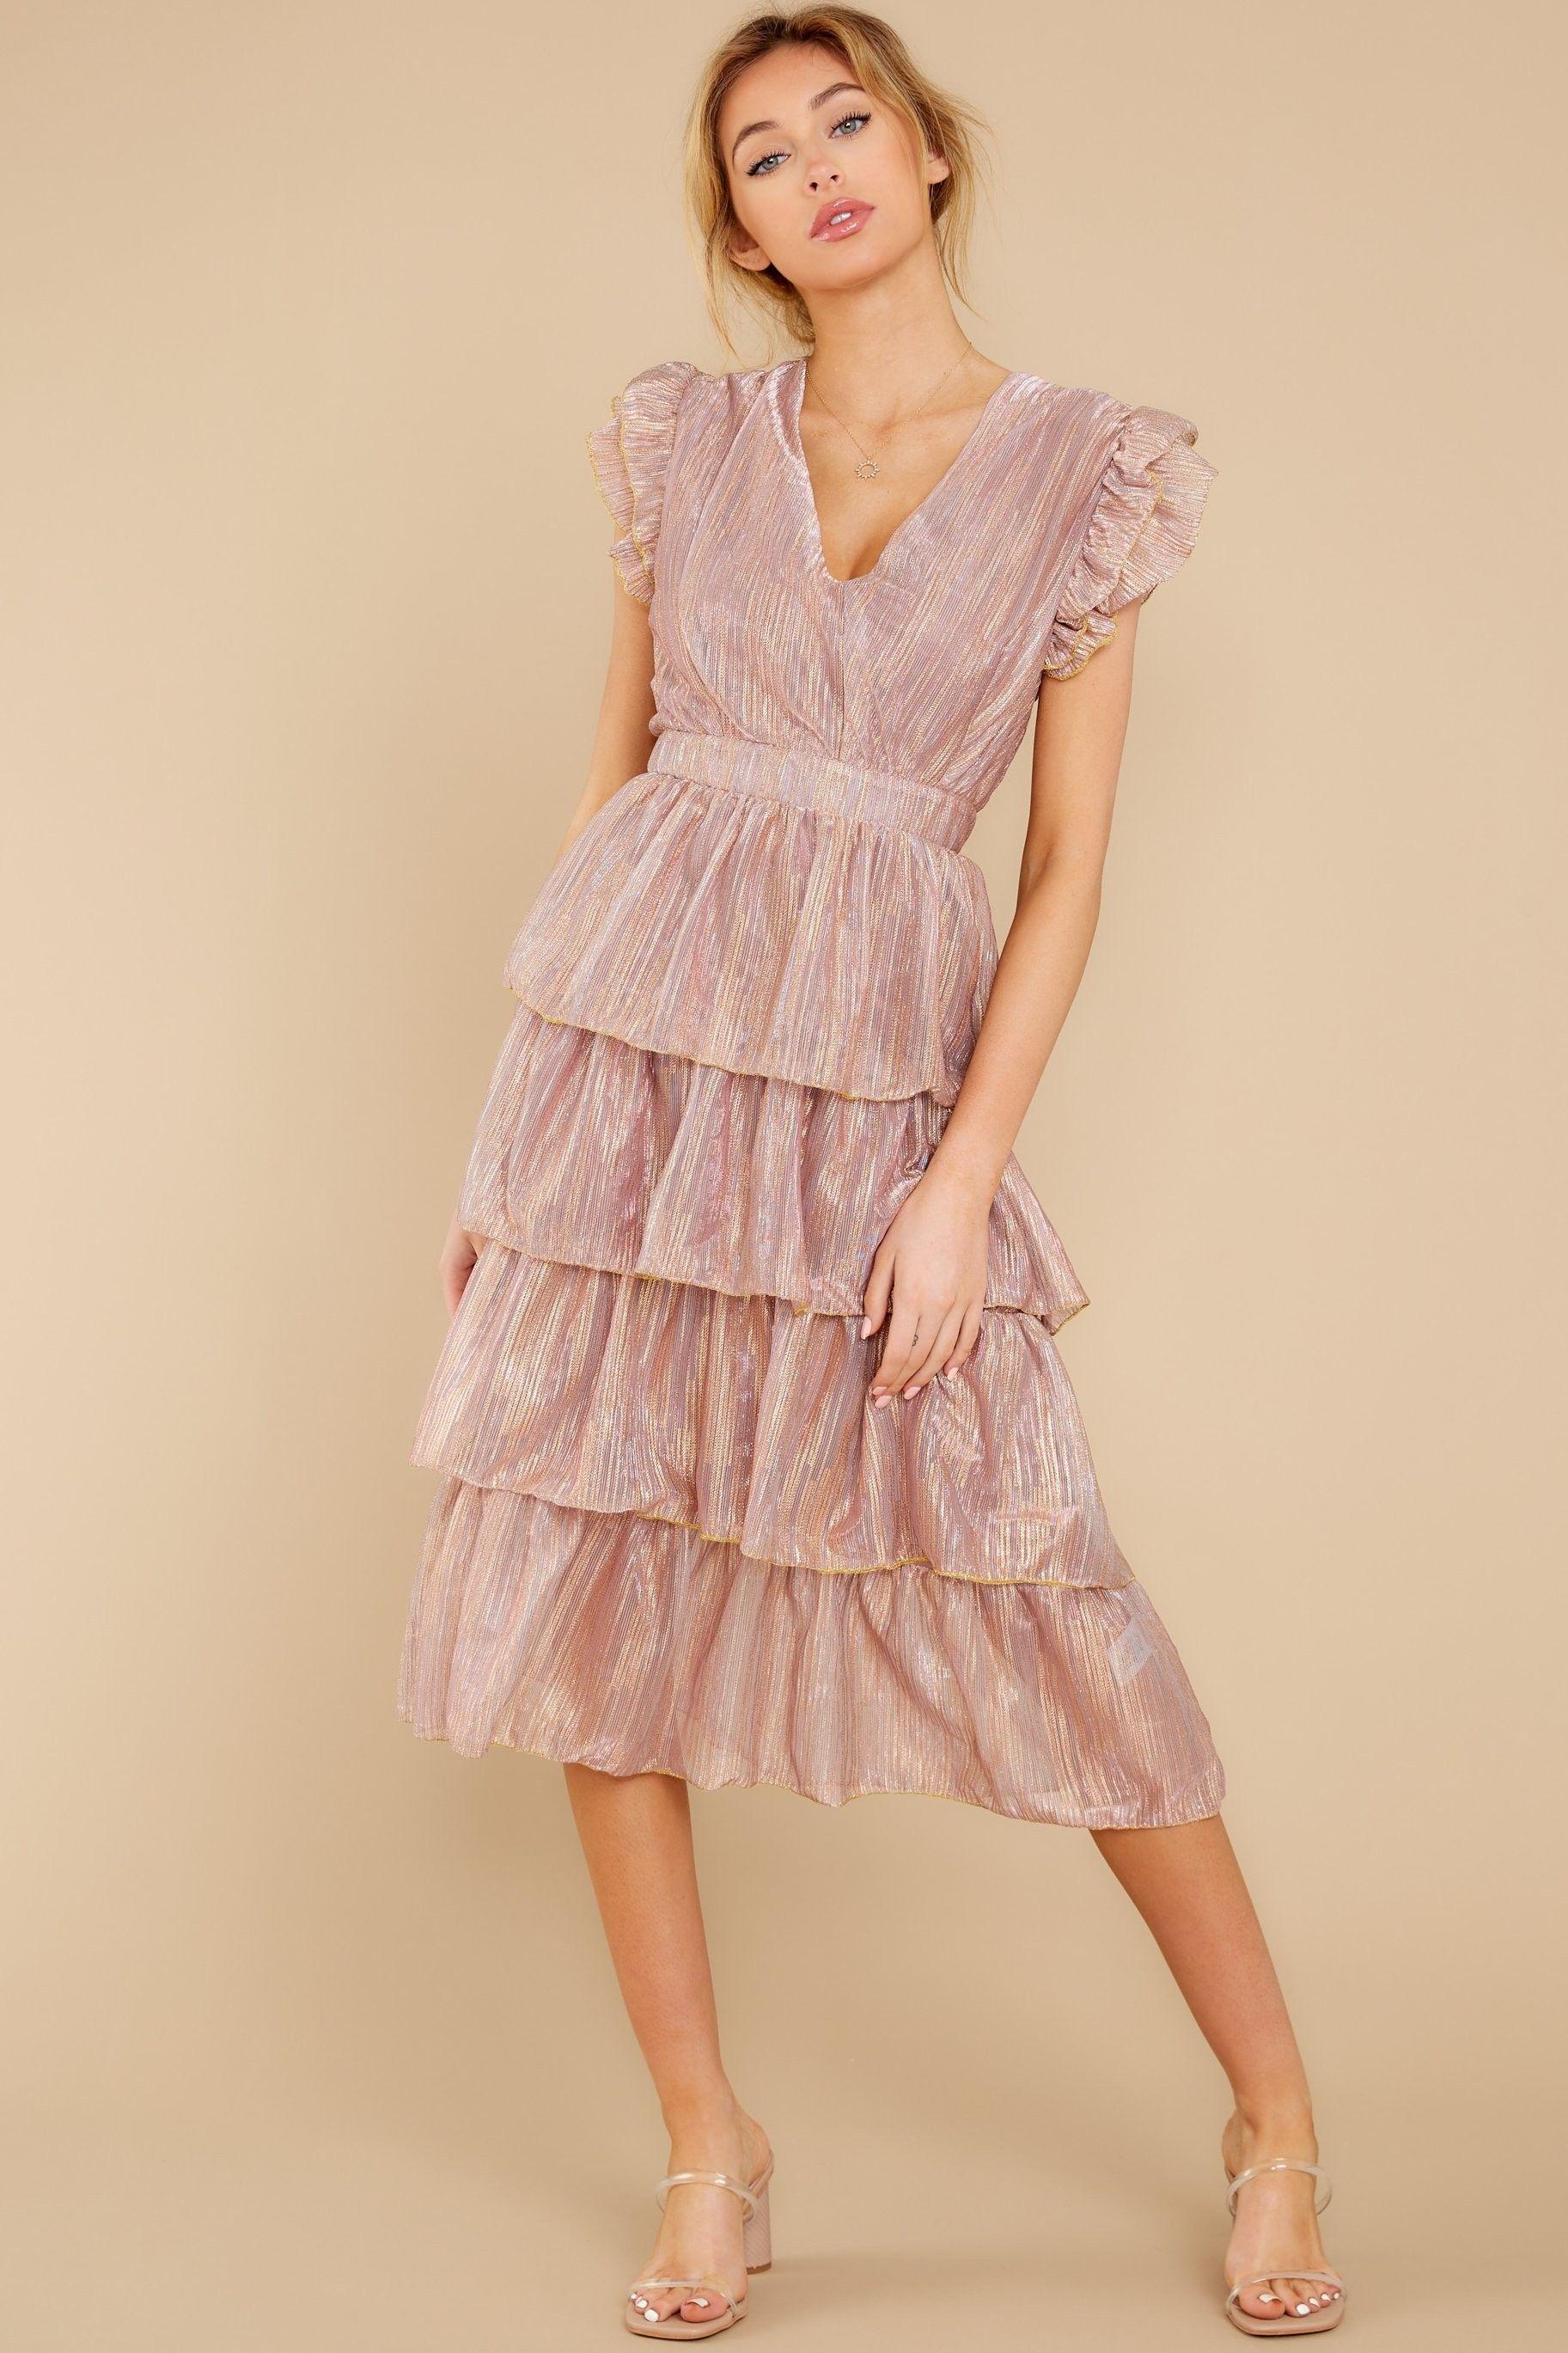 Tiered Blush Pink Midi Dress Affiliatelink Springdresses Dresses Weddingguestdress Weddingguest Outfits Cuteoutfi Pink Midi Dress Dresses Unique Dresses [ 2738 x 1825 Pixel ]